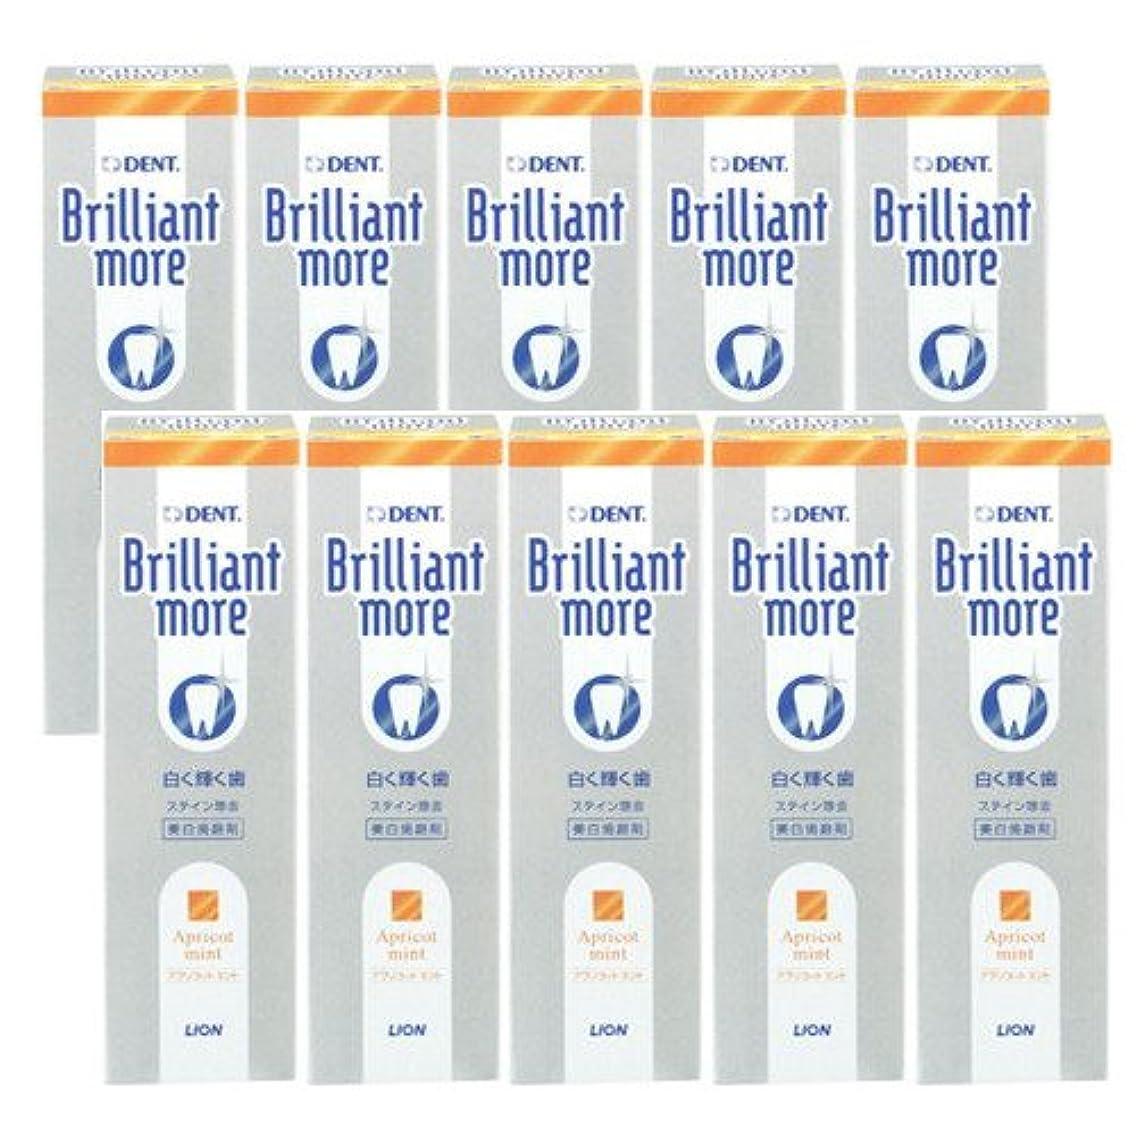 勧告行動入るライオン ブリリアントモア アプリコットミント 美白歯磨剤 LION Brilliant more 10本セット